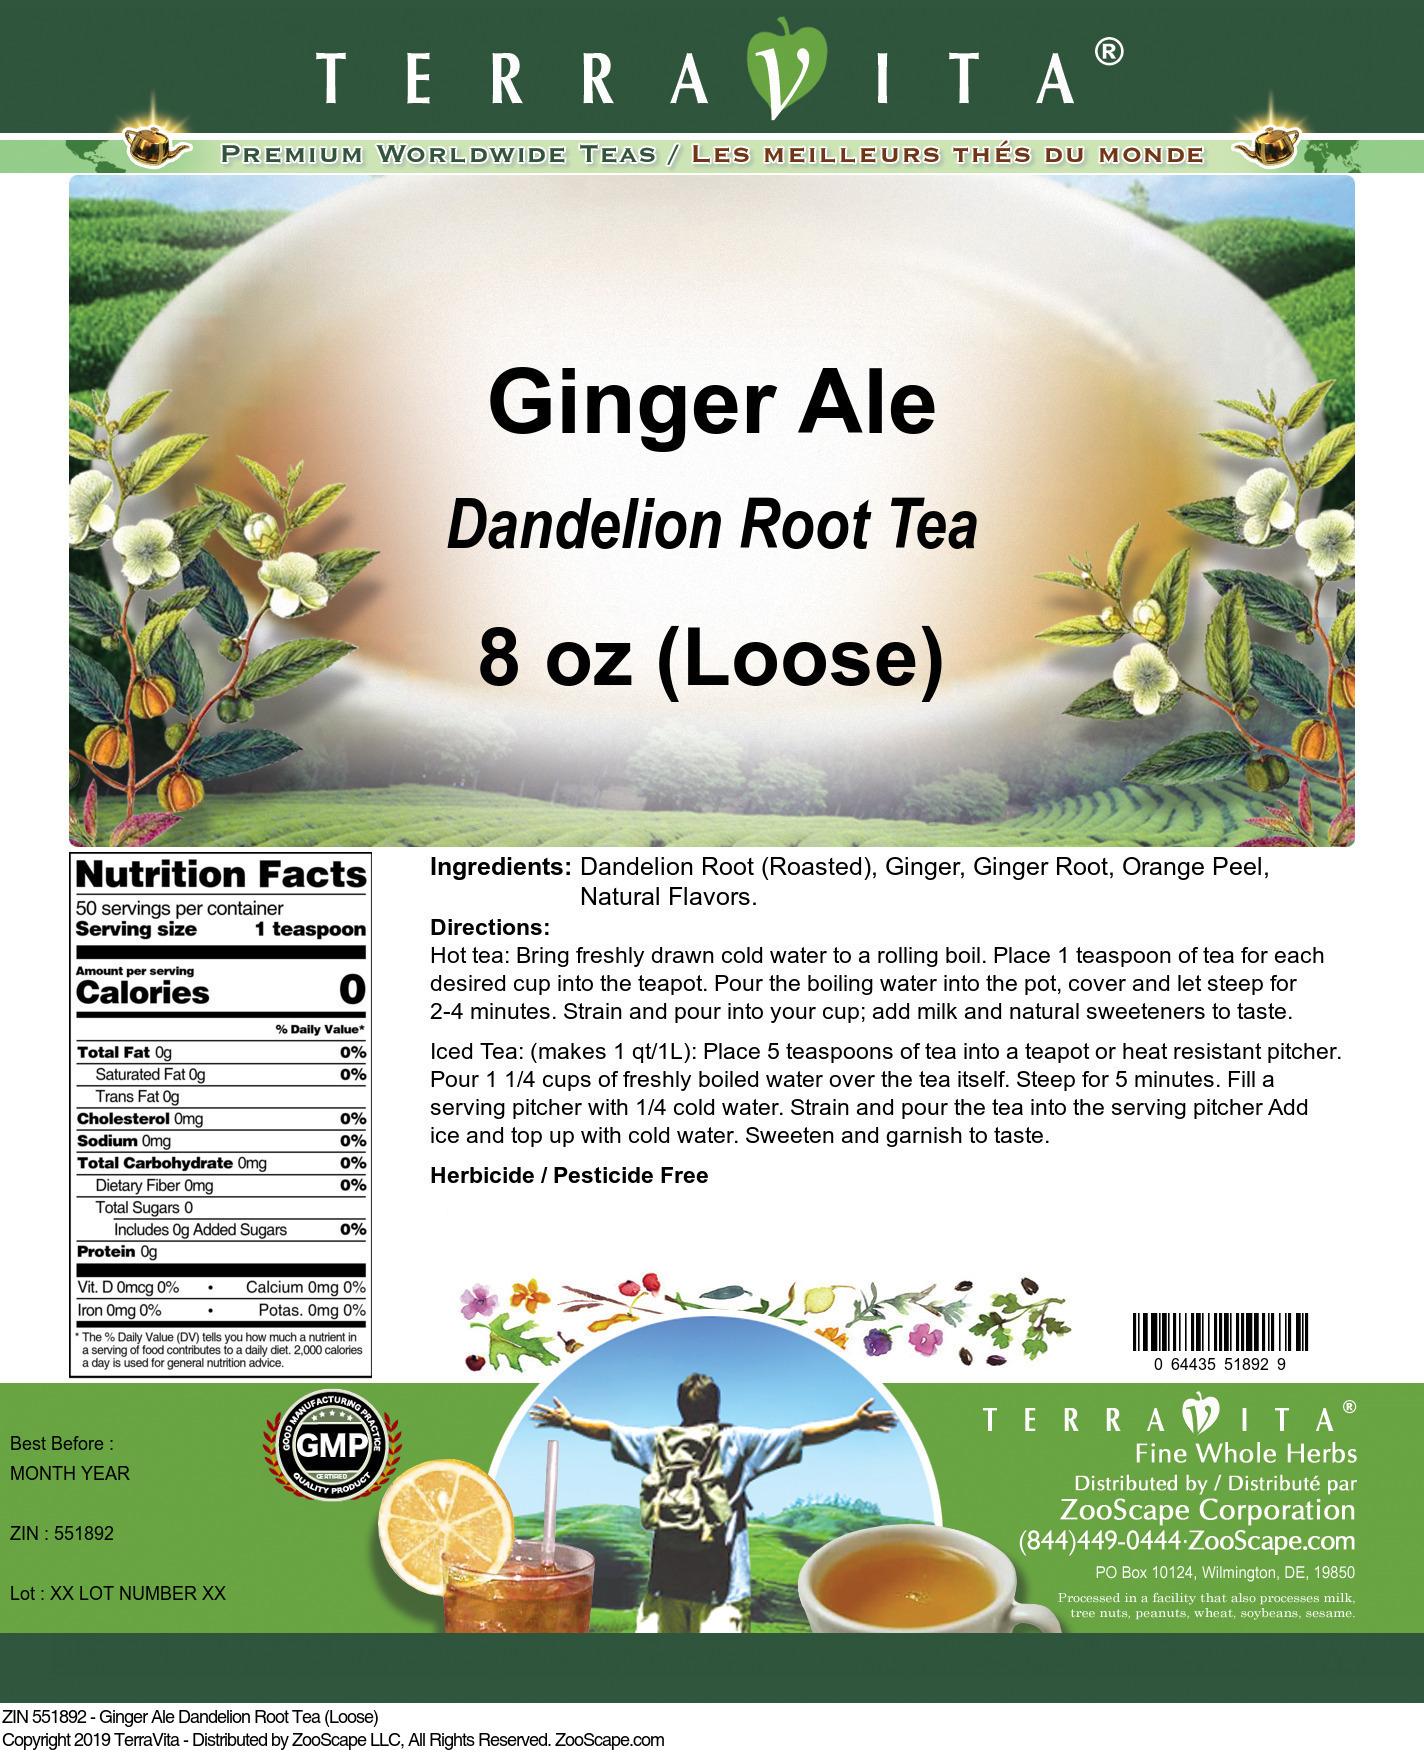 Ginger Ale Dandelion Root Tea (Loose)